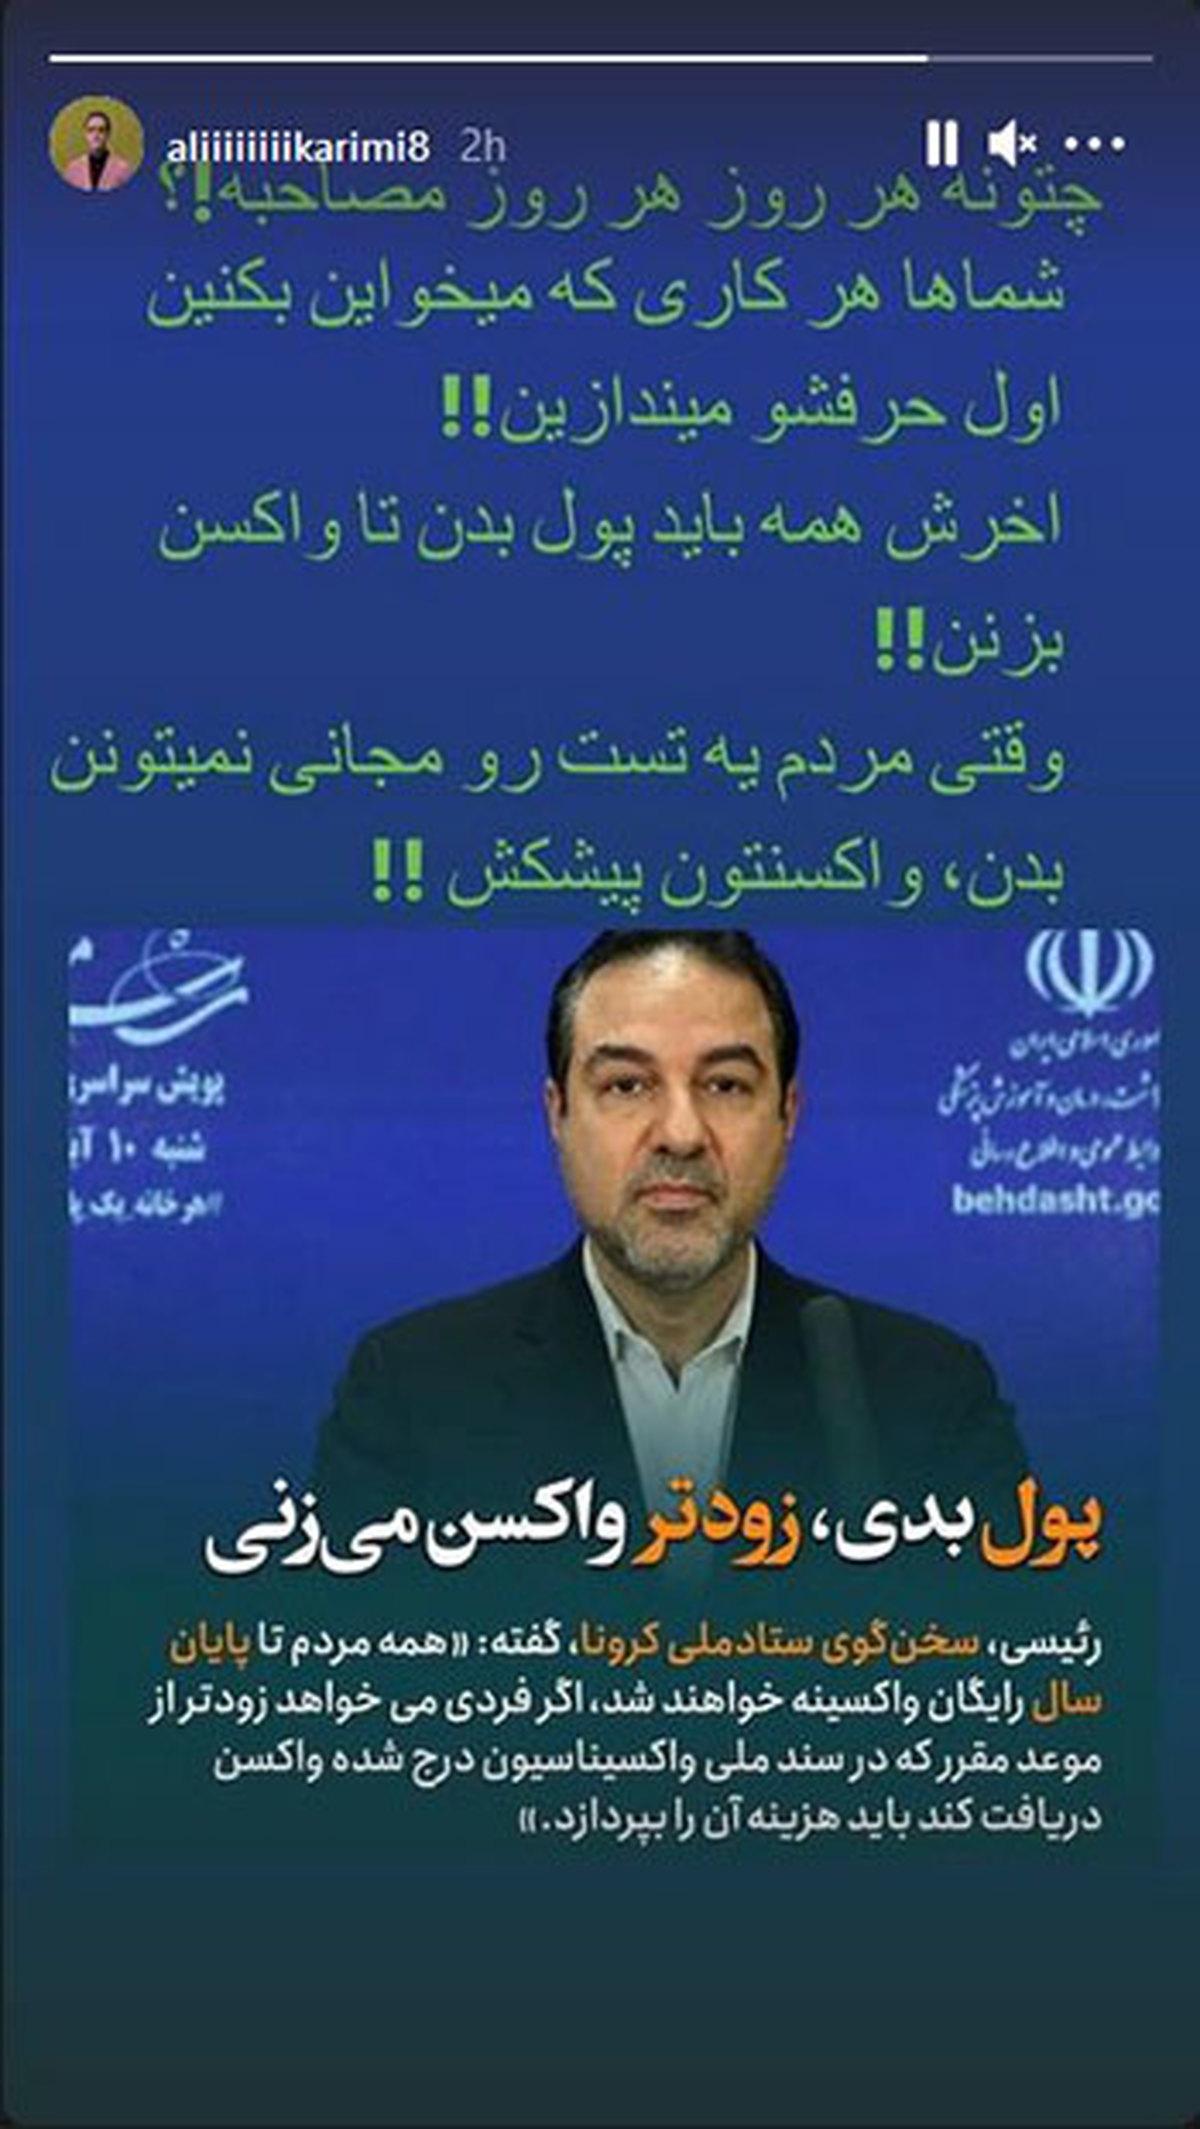 حمله شدید علی کریمی به ستاد مقابله با کرونا